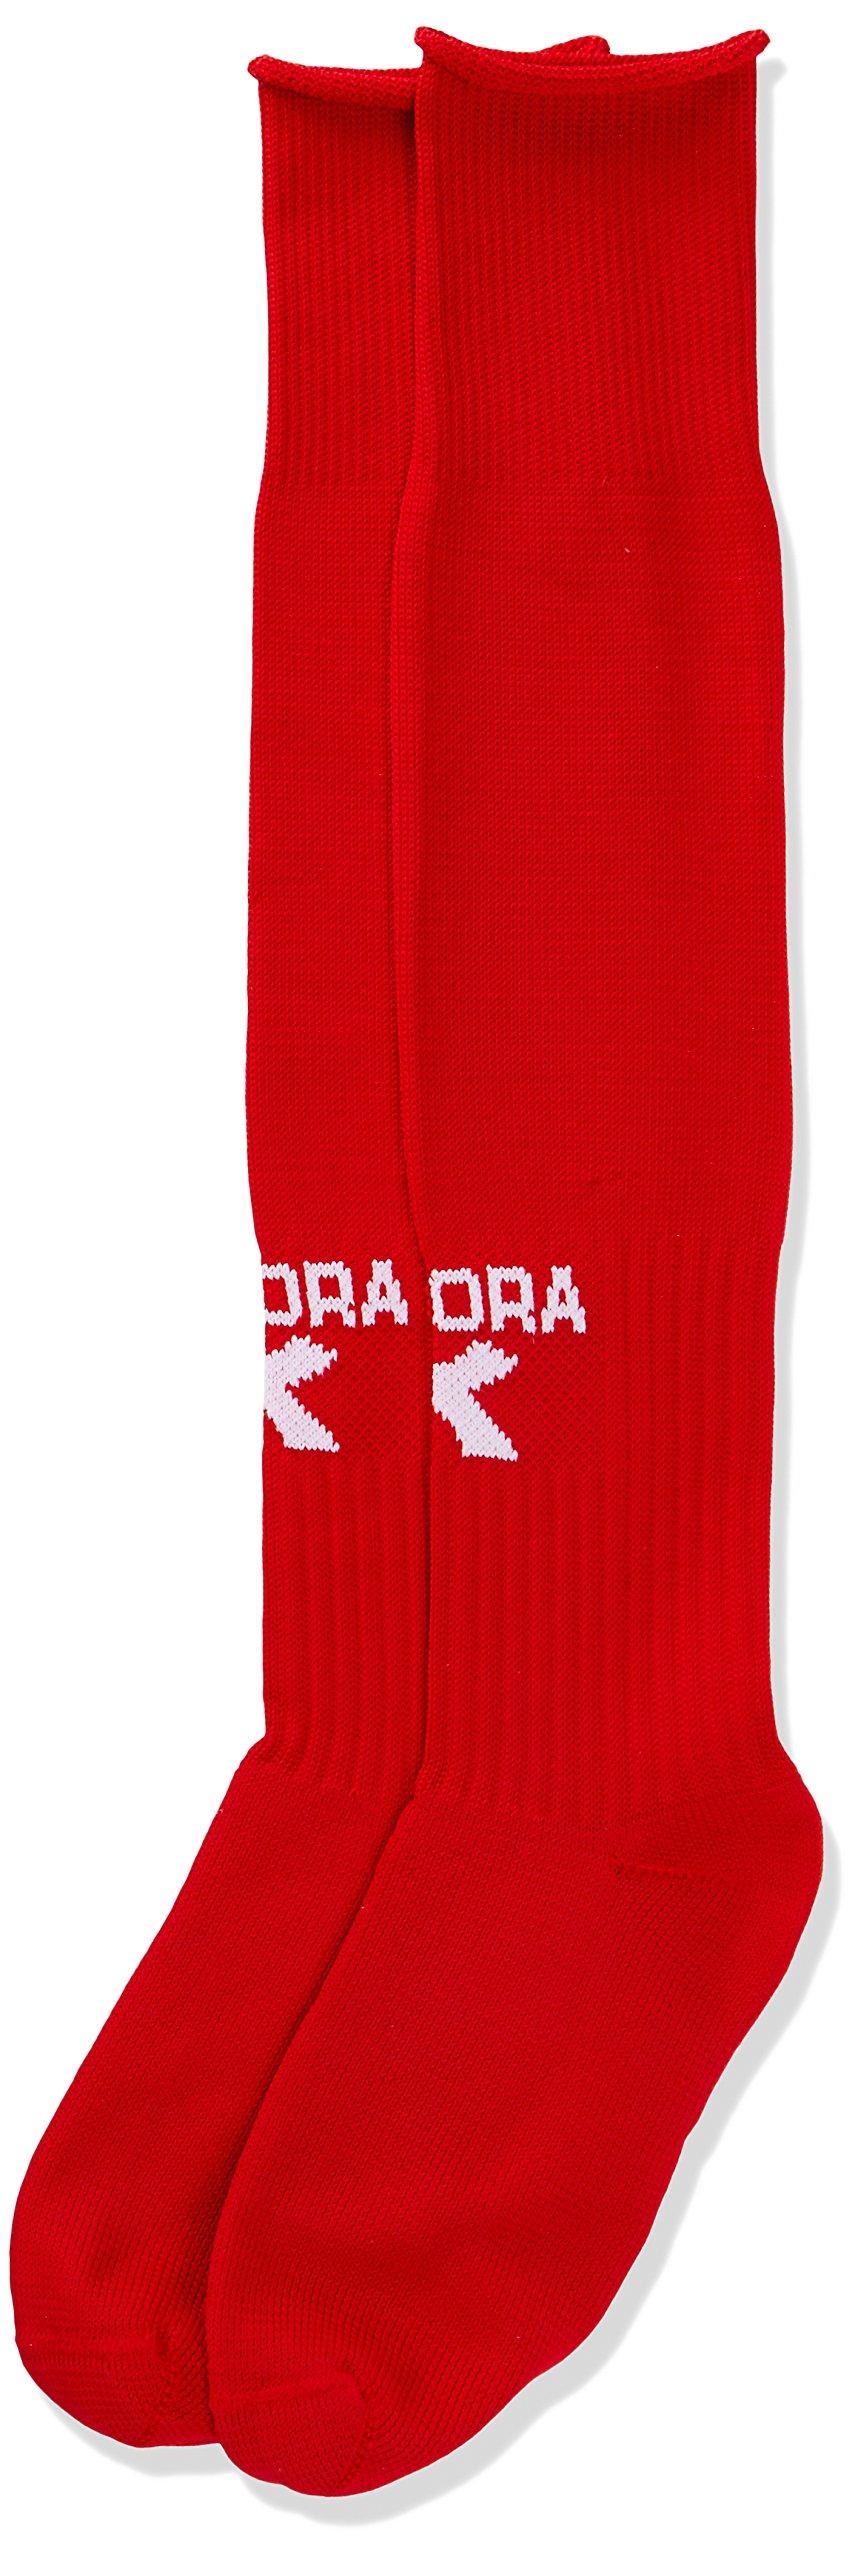 Diadora Squadra Soccer Socks, Large, Red by Diadora